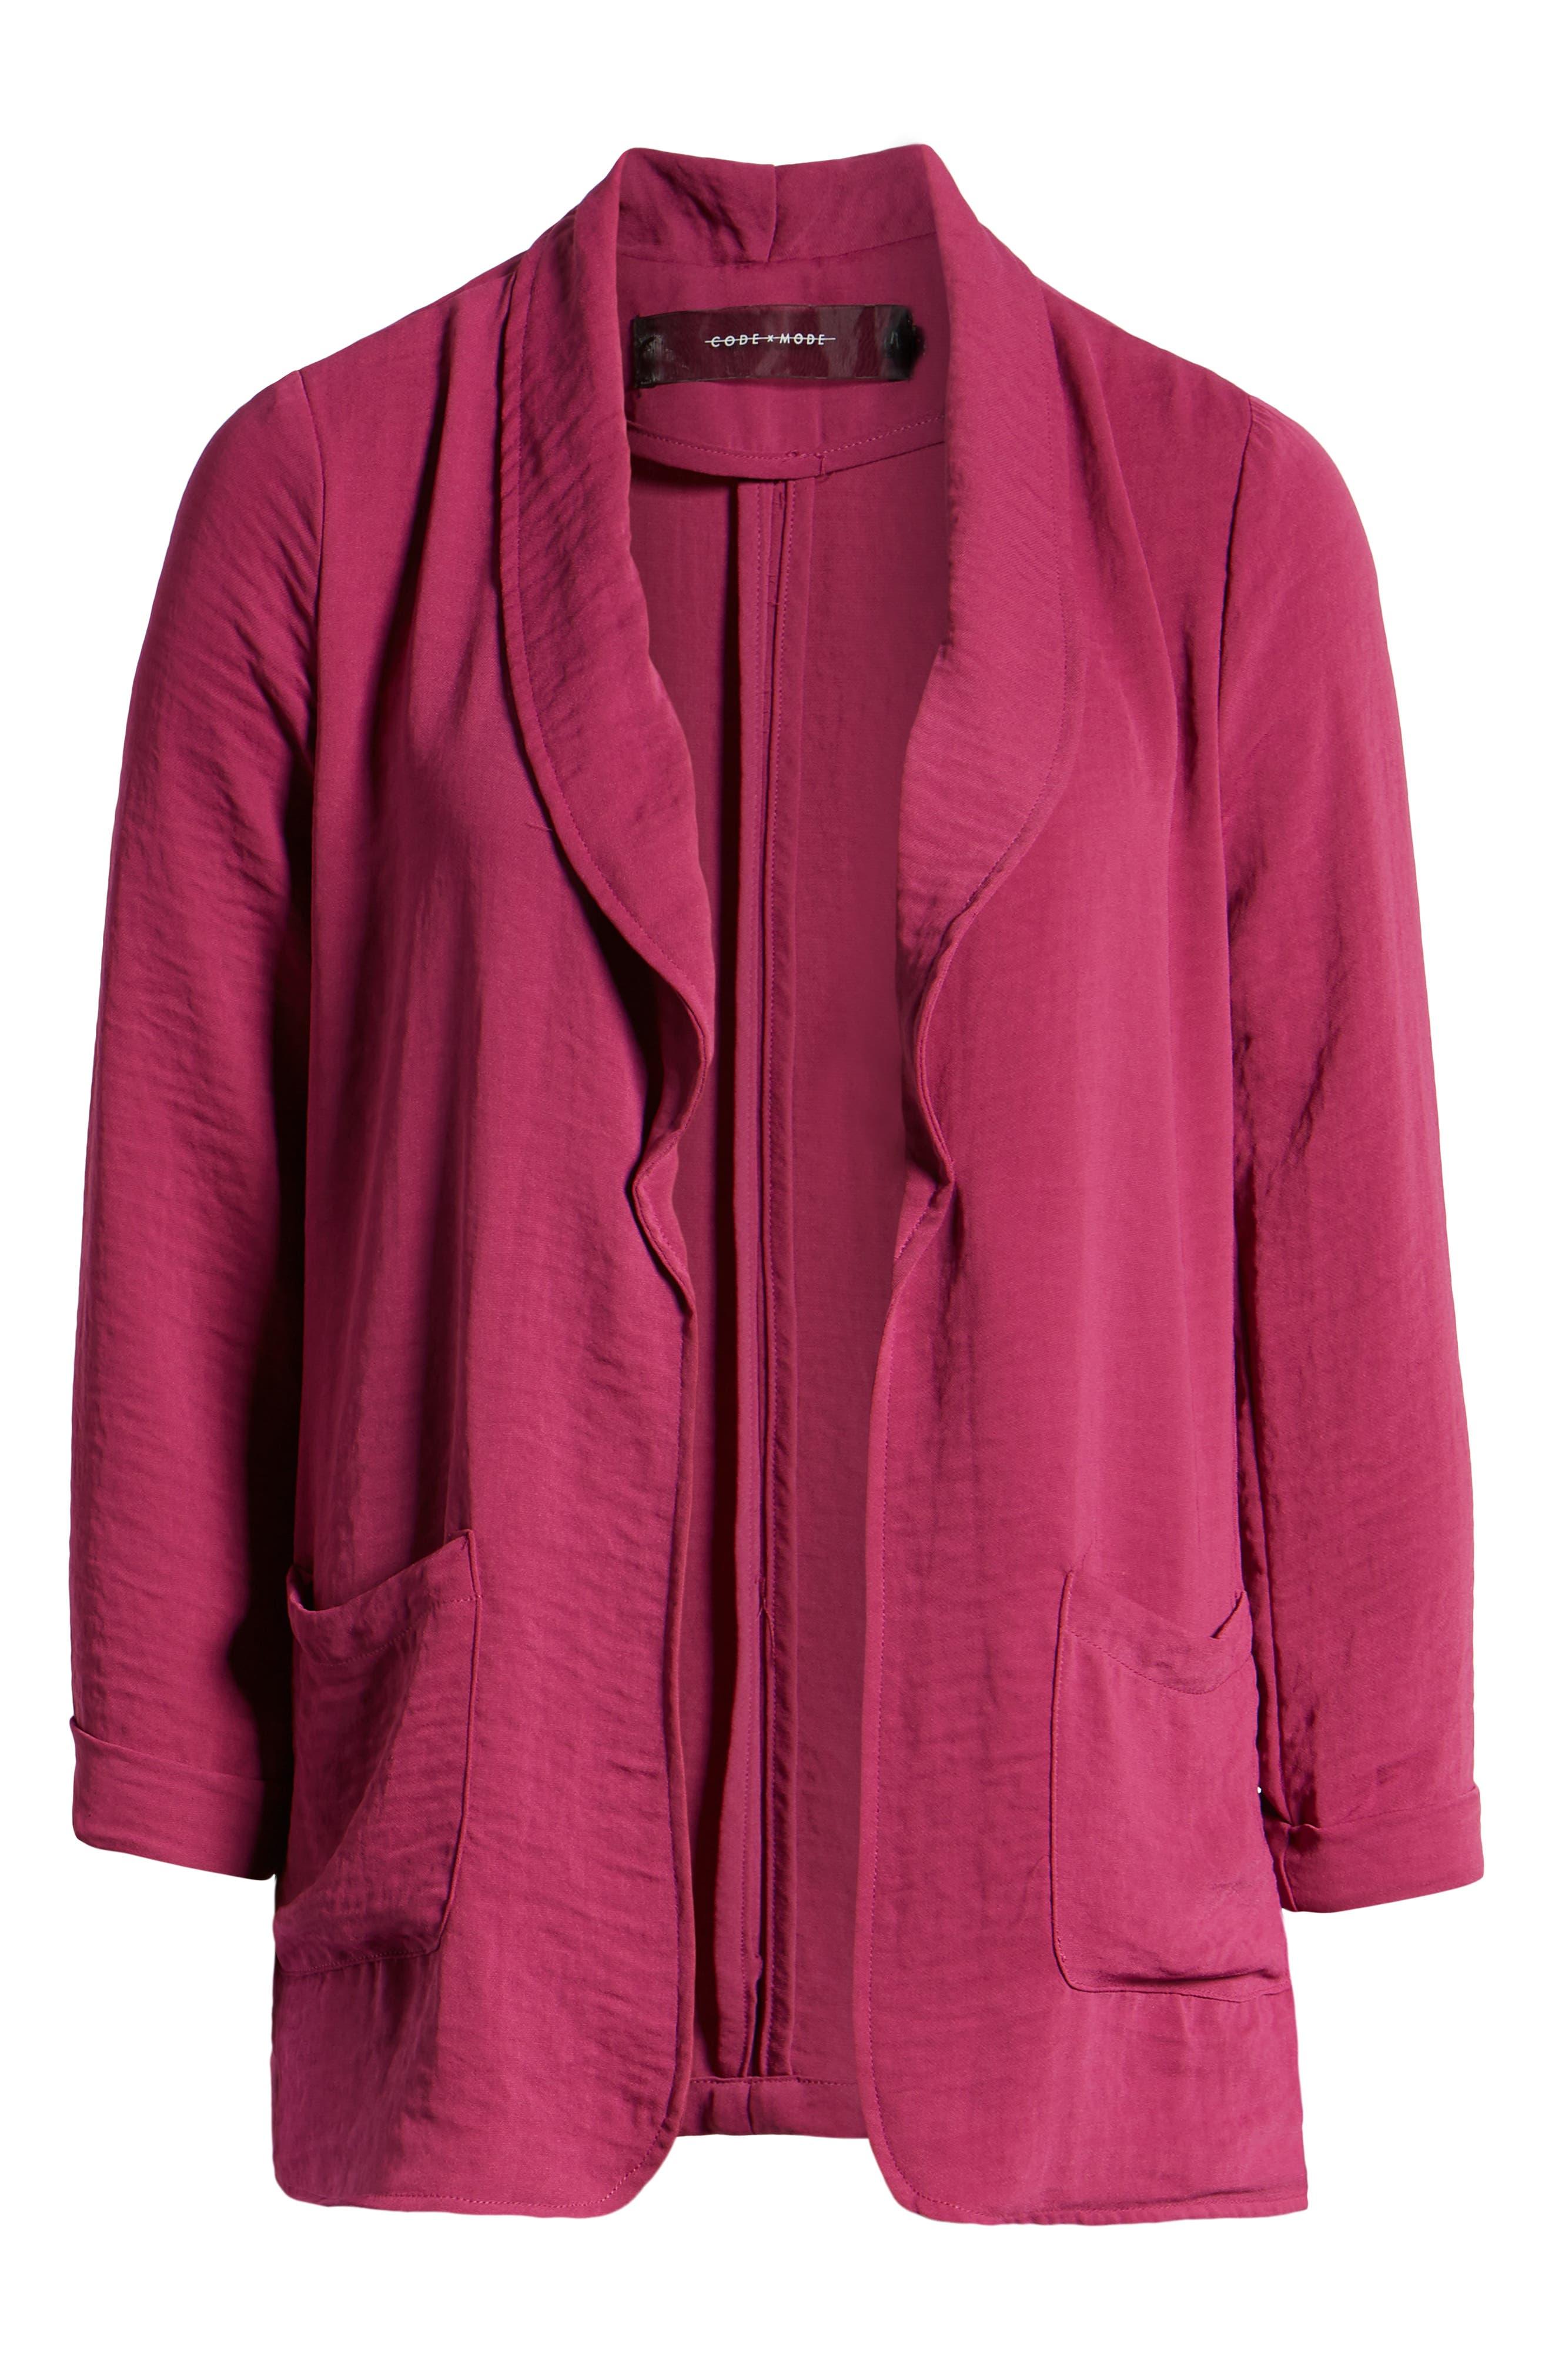 CODEXMODE,                             Shawl Collar Jacket,                             Alternate thumbnail 6, color,                             650